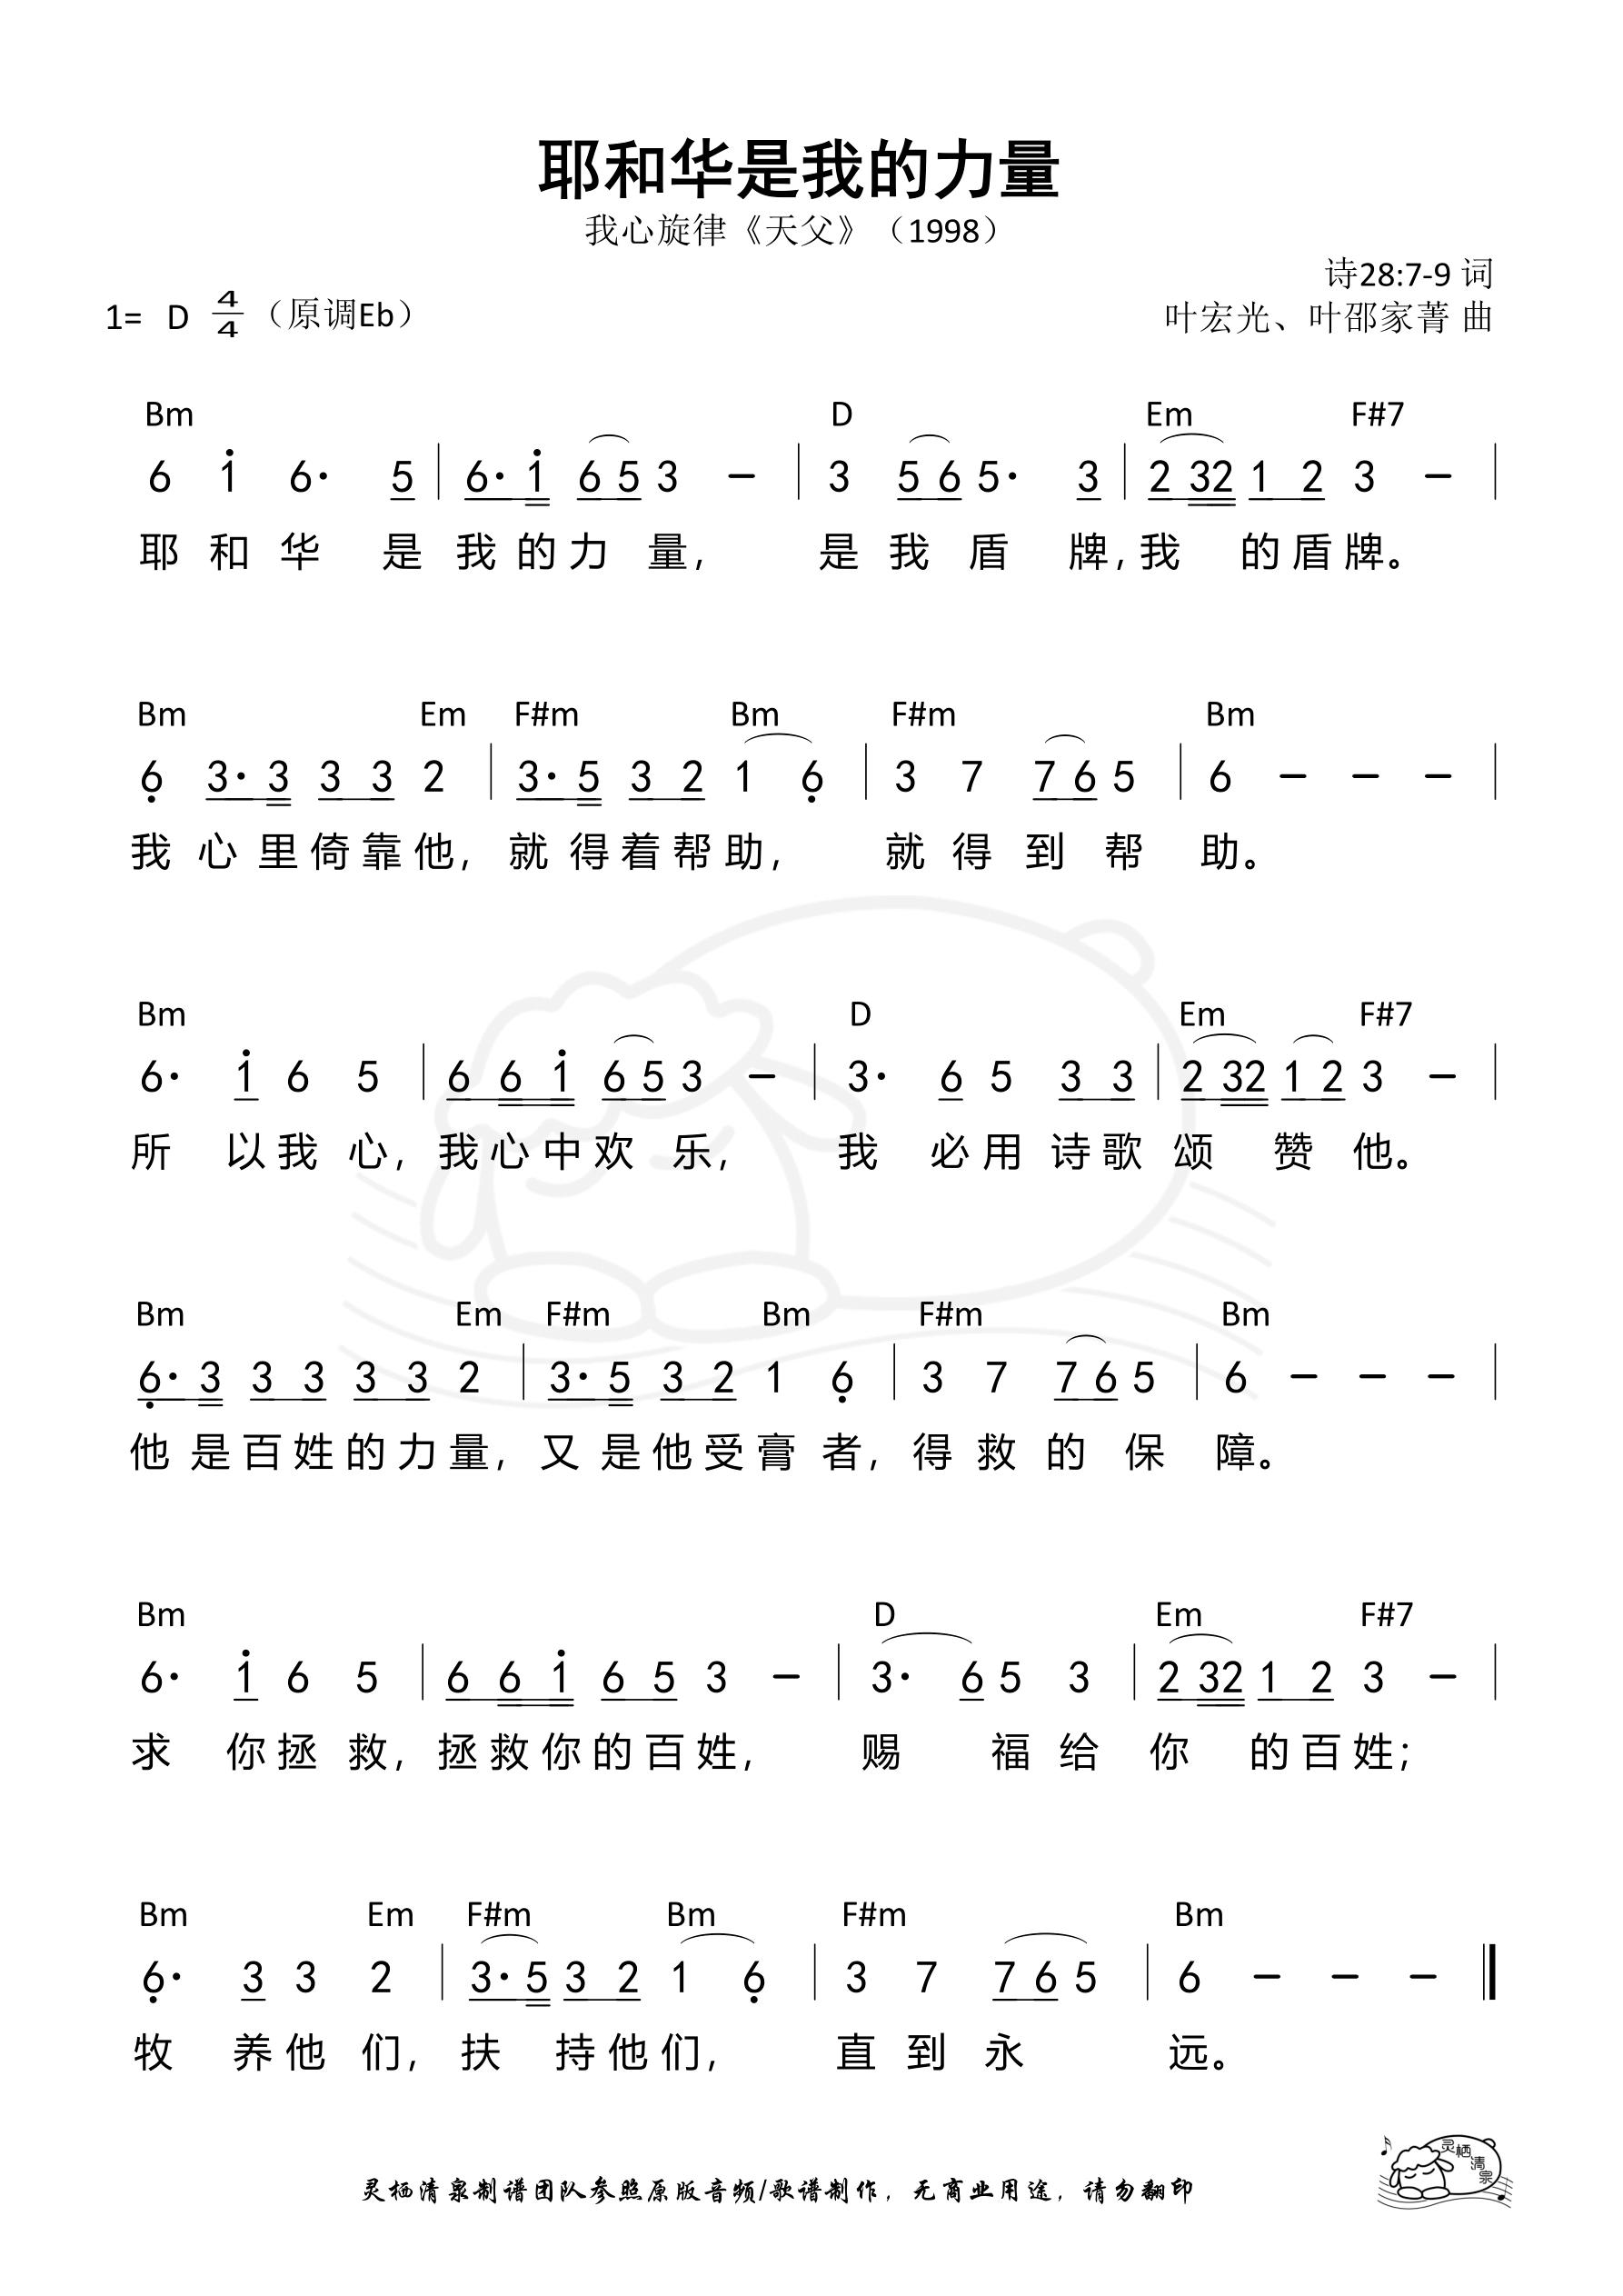 《第618首 - 耶和华是我的力量(我心旋律) 和弦简谱》